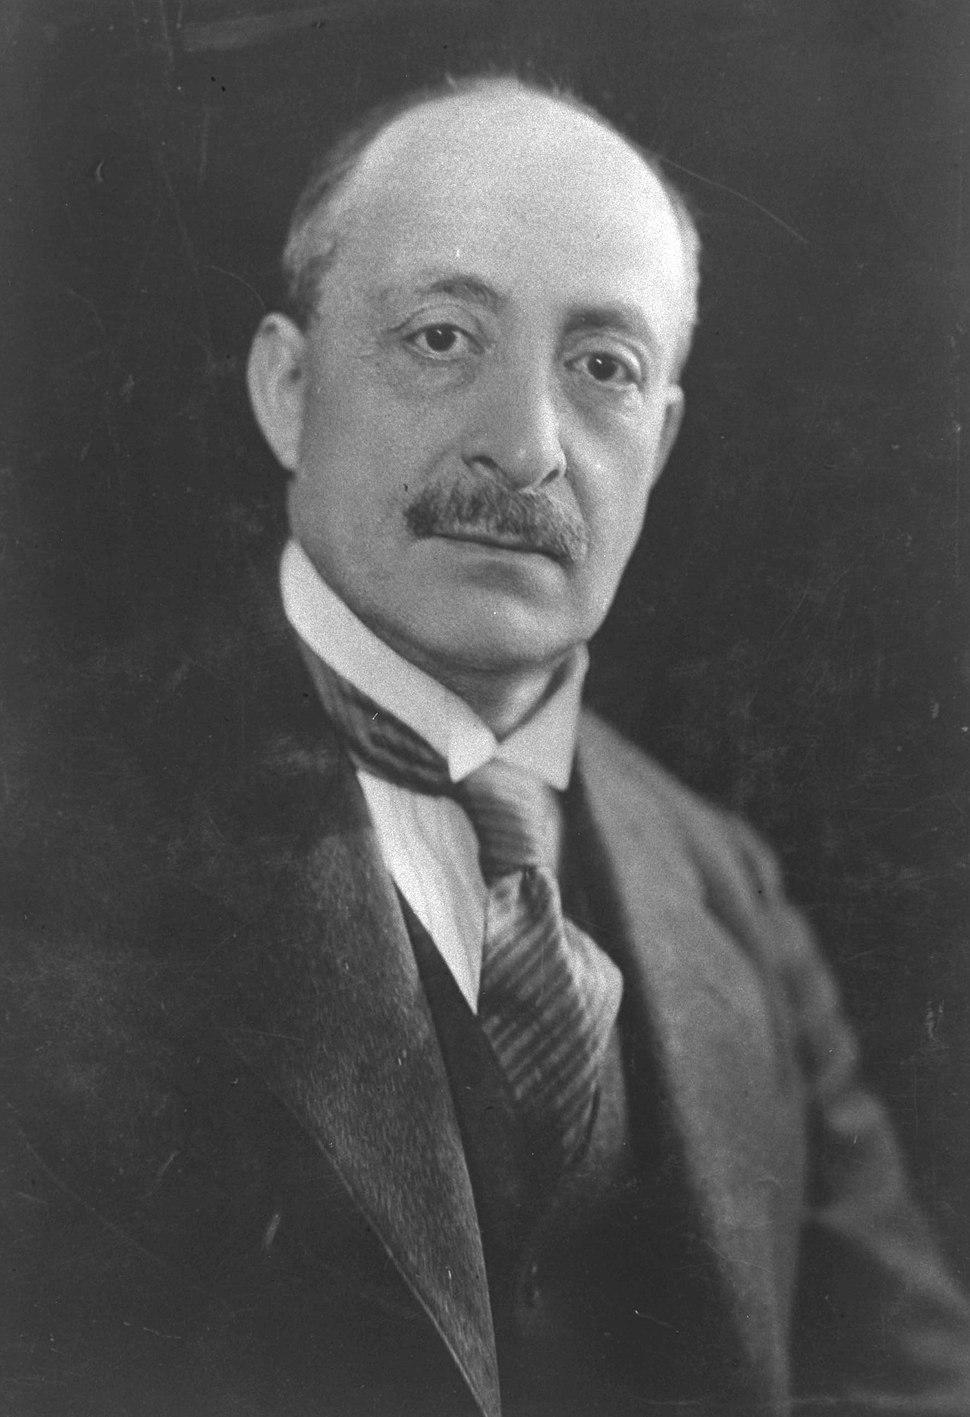 Otto Warburg 1911